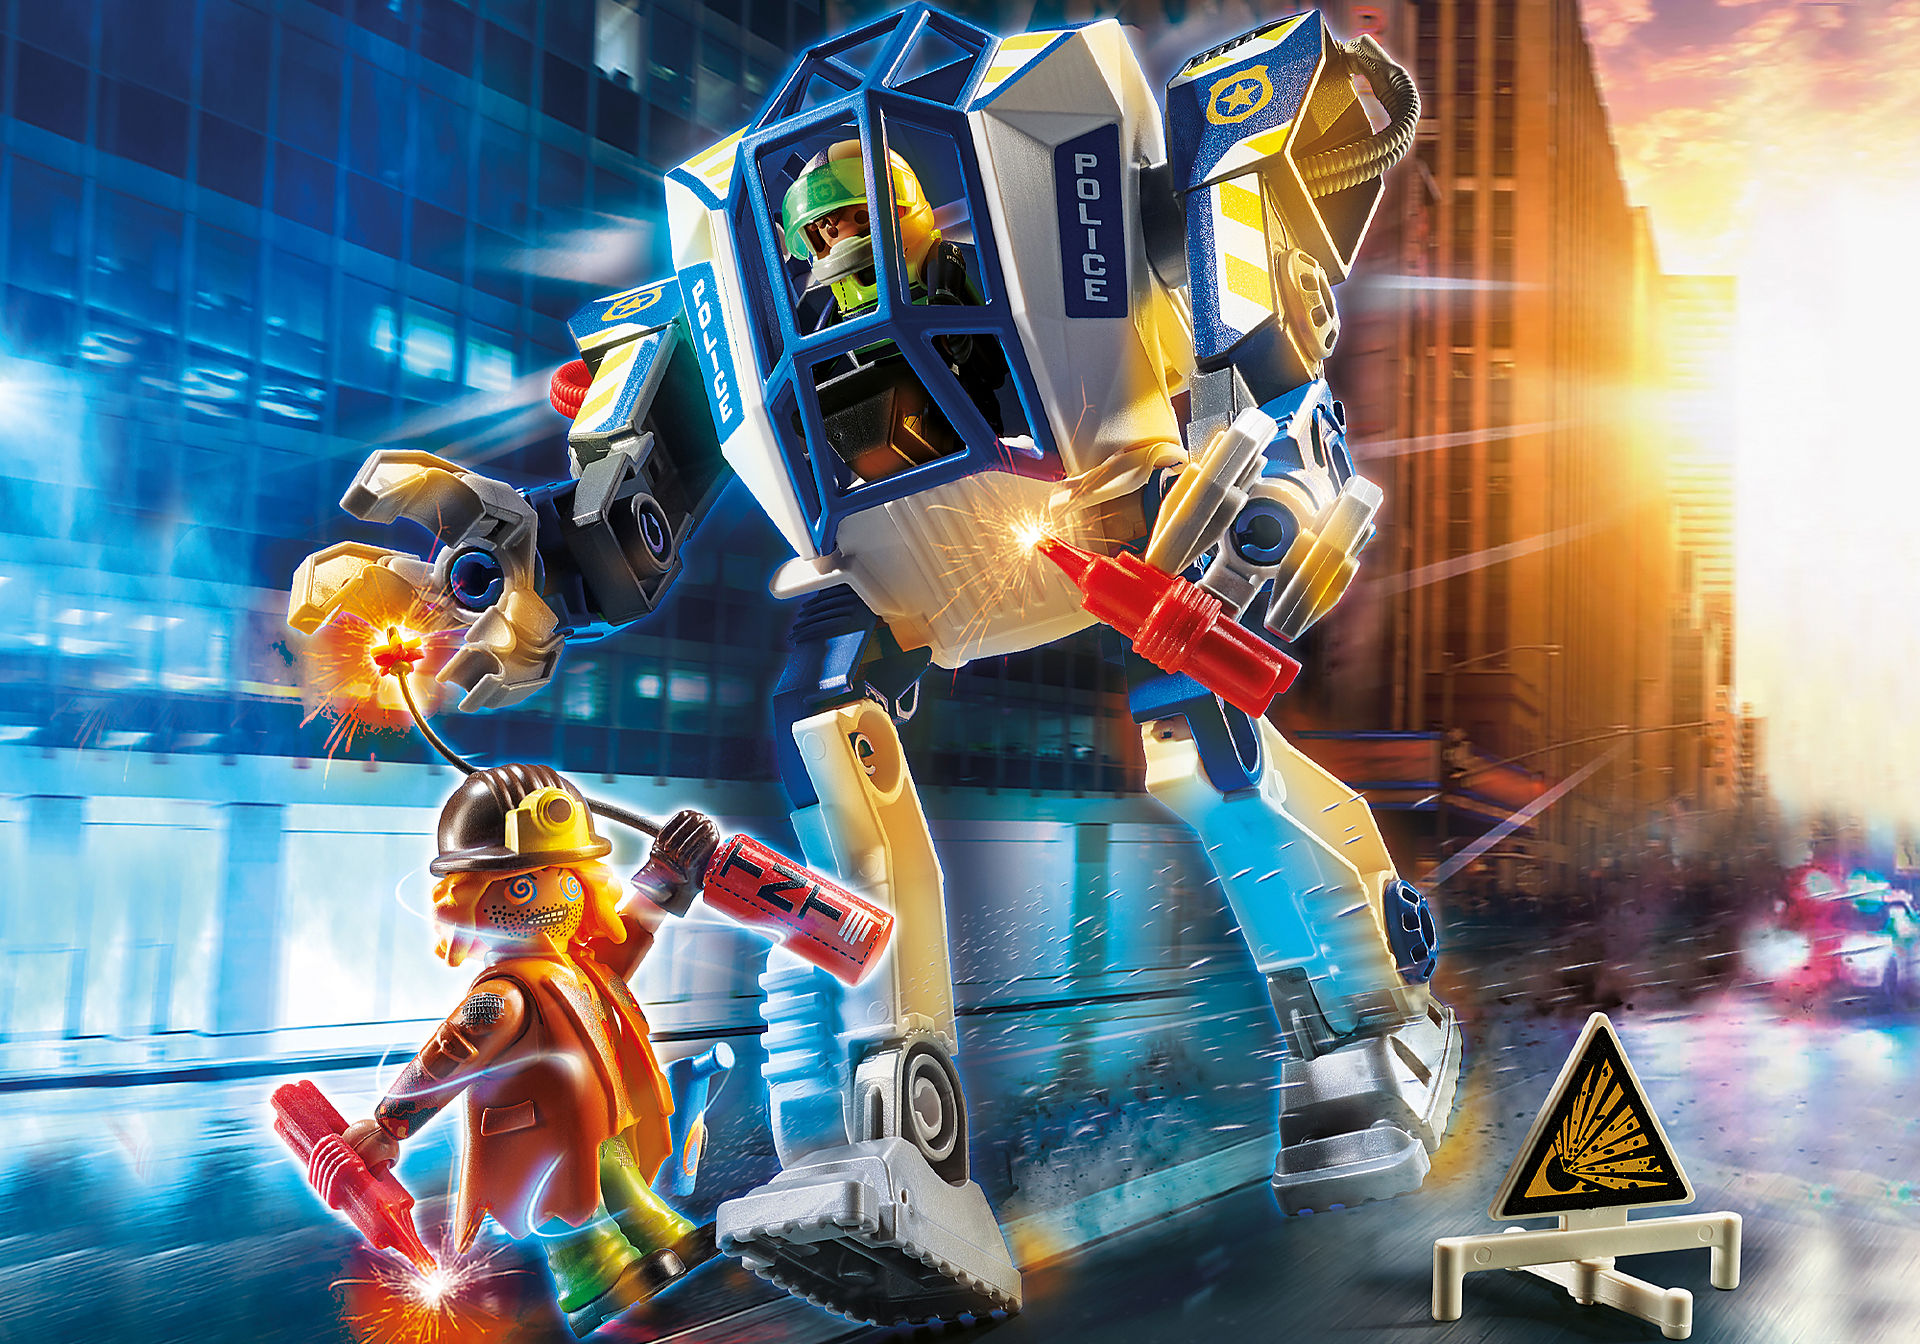 70571 Робот-полицейский: Специальное назначение  zoom image1